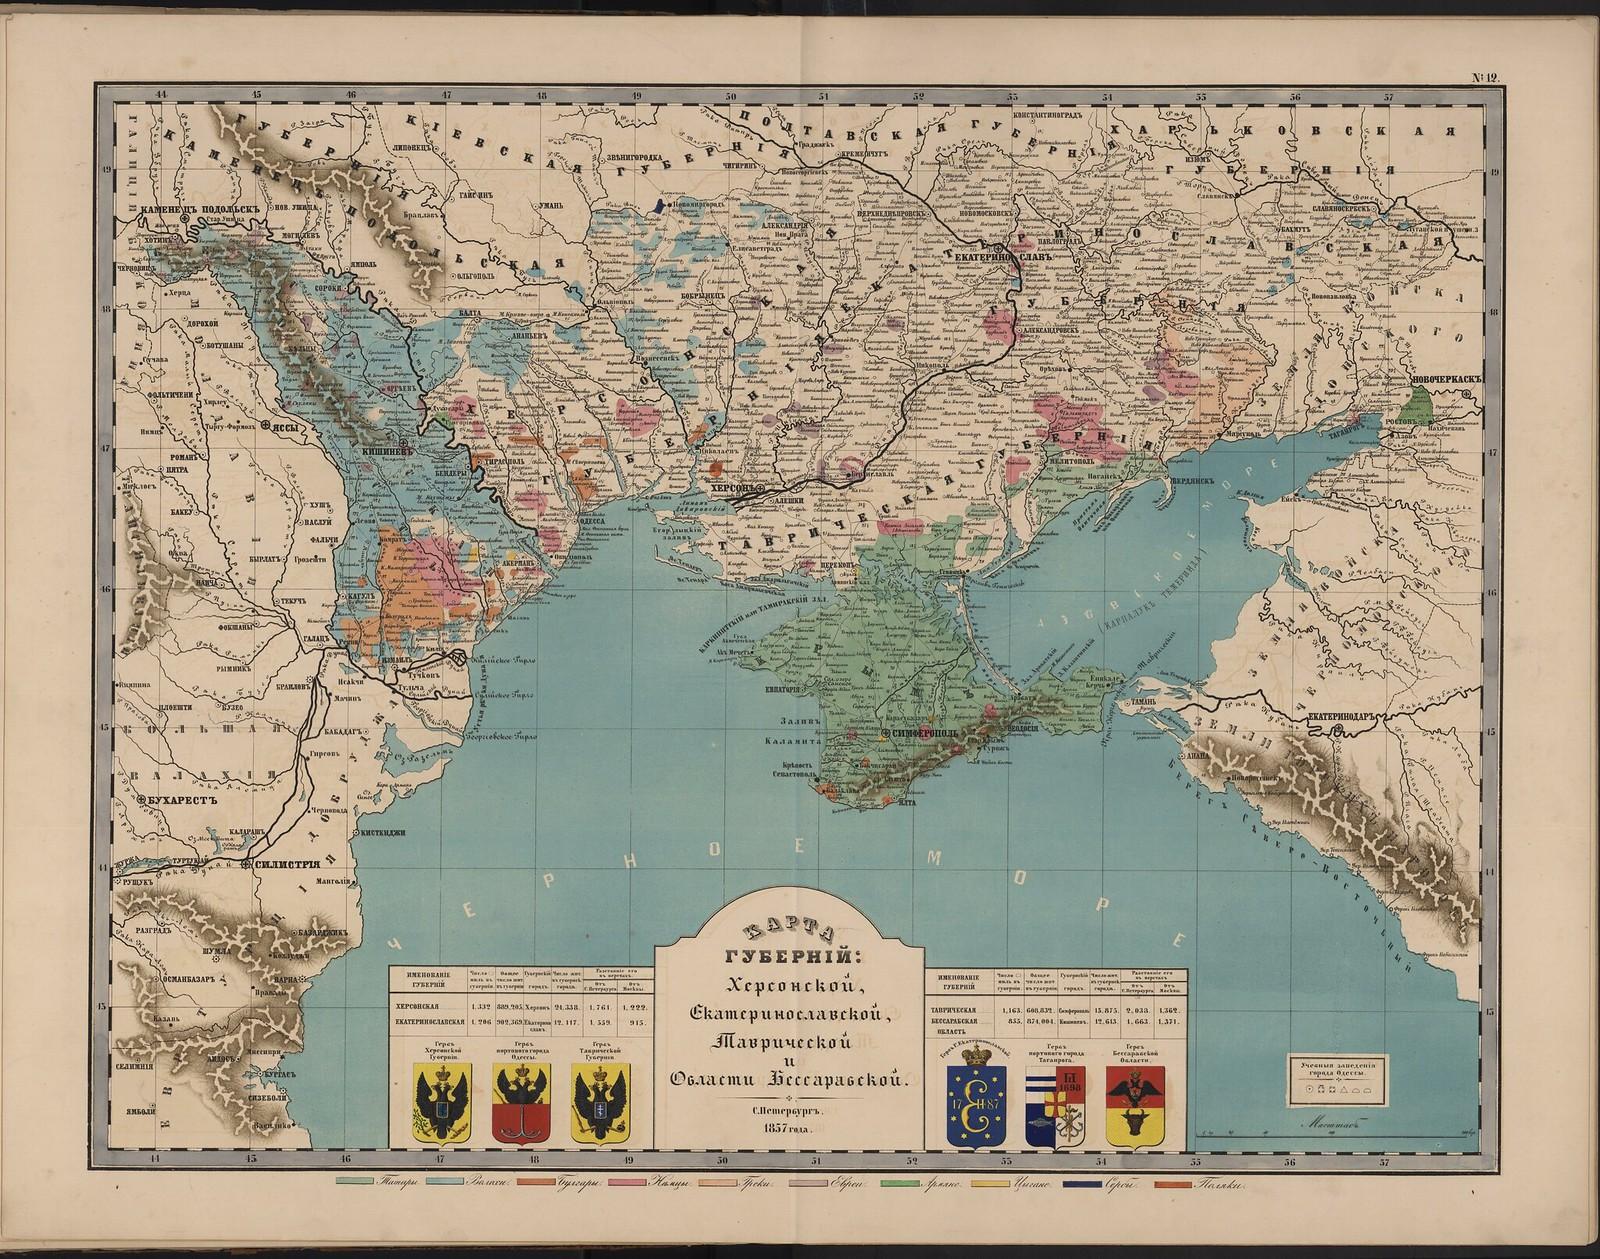 12-а. Карта губерний Херсонской, Екатеринславской, Таврической и Области Бессарабской (этнографическая).